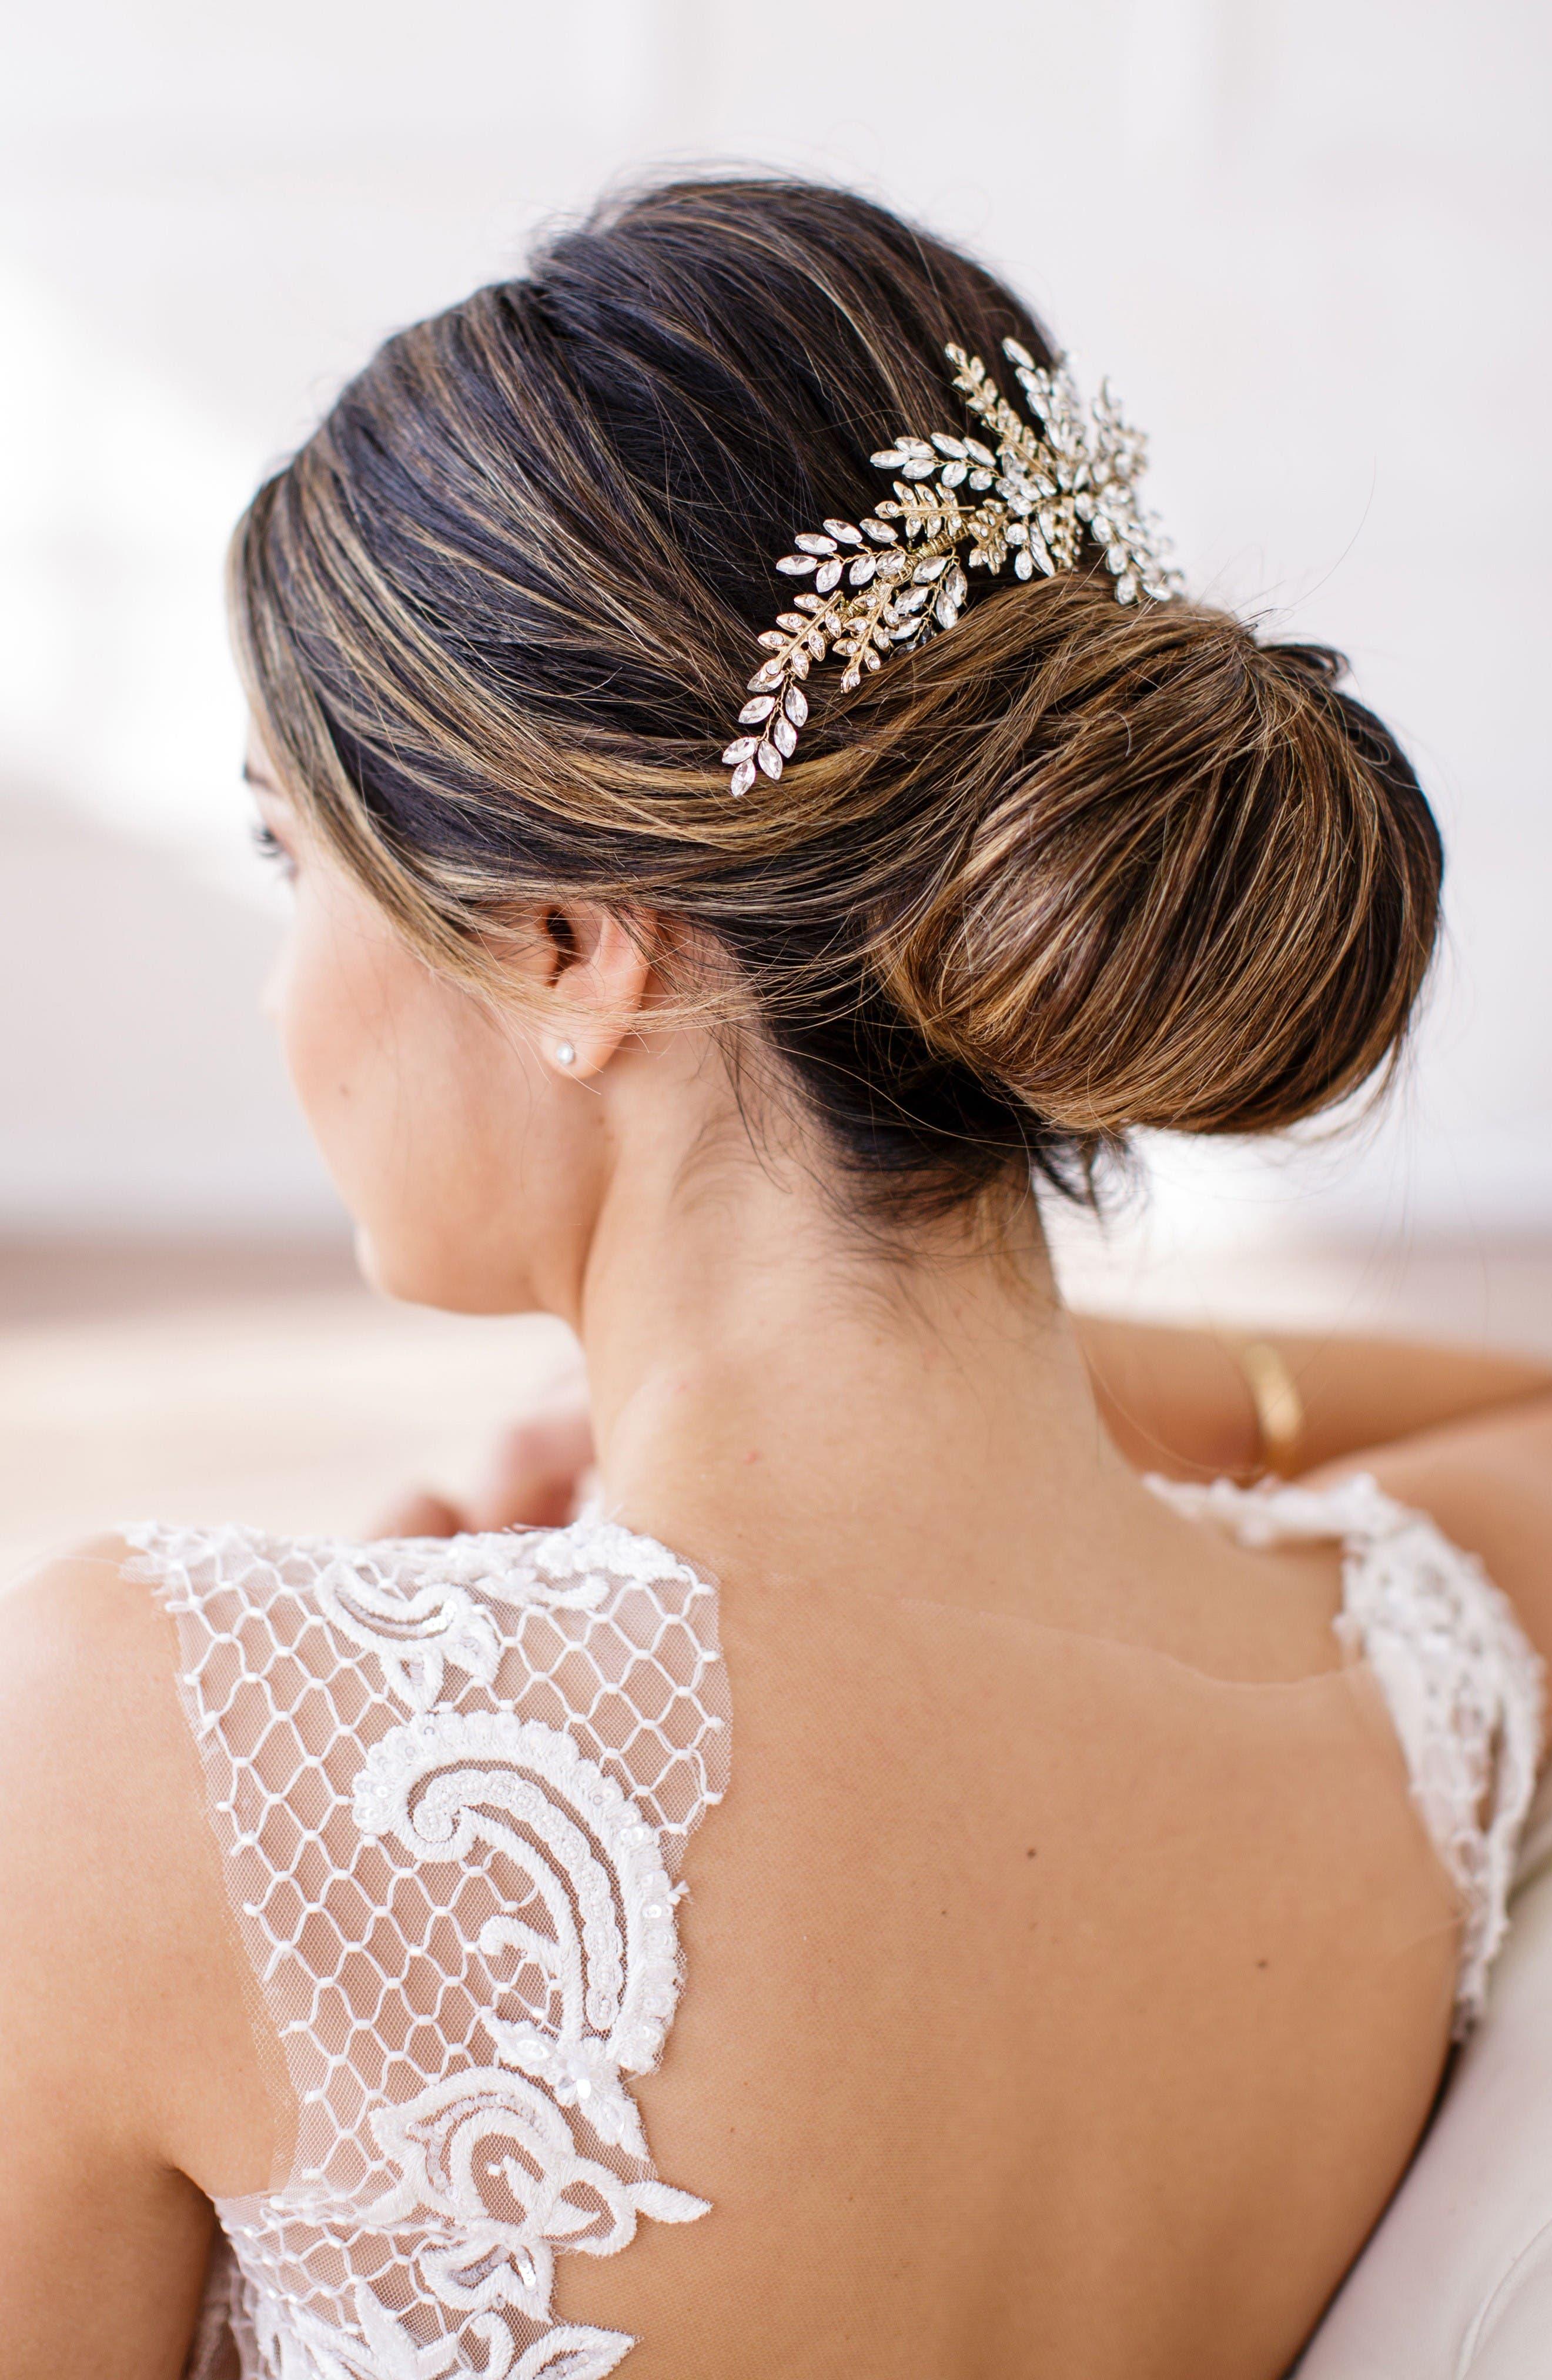 Main Image - Brides & Hairpins Serena Crystal Hair Comb